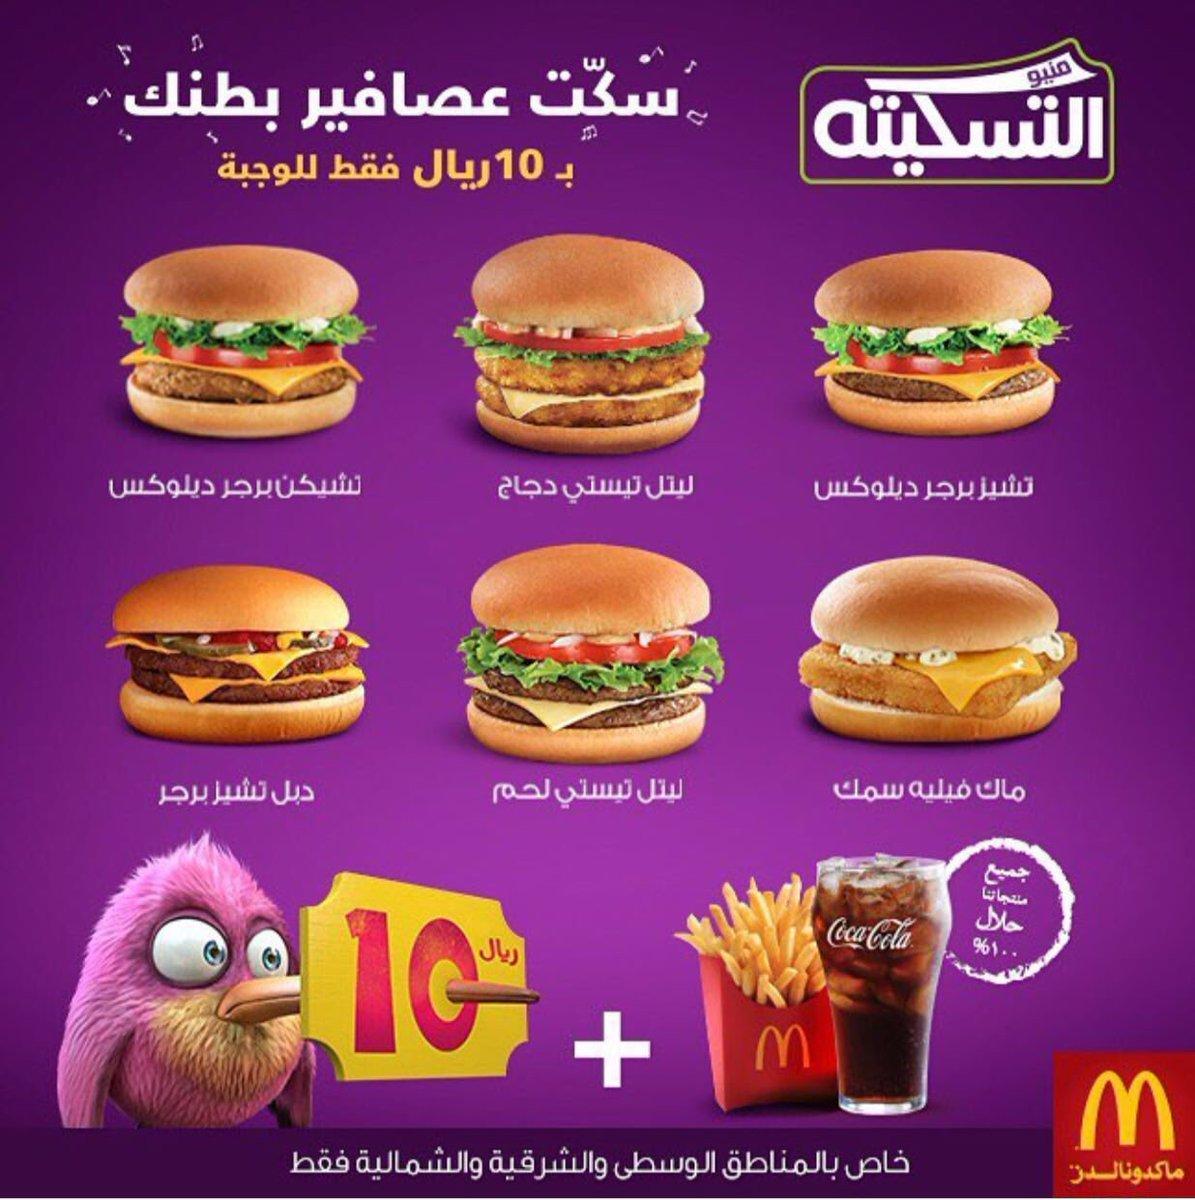 ماكدونالدز السعودية الوسطى والشرقية والشمالية On Twitter عندنا وجبة ميني آسيوي وكمان متوفر هالعرض